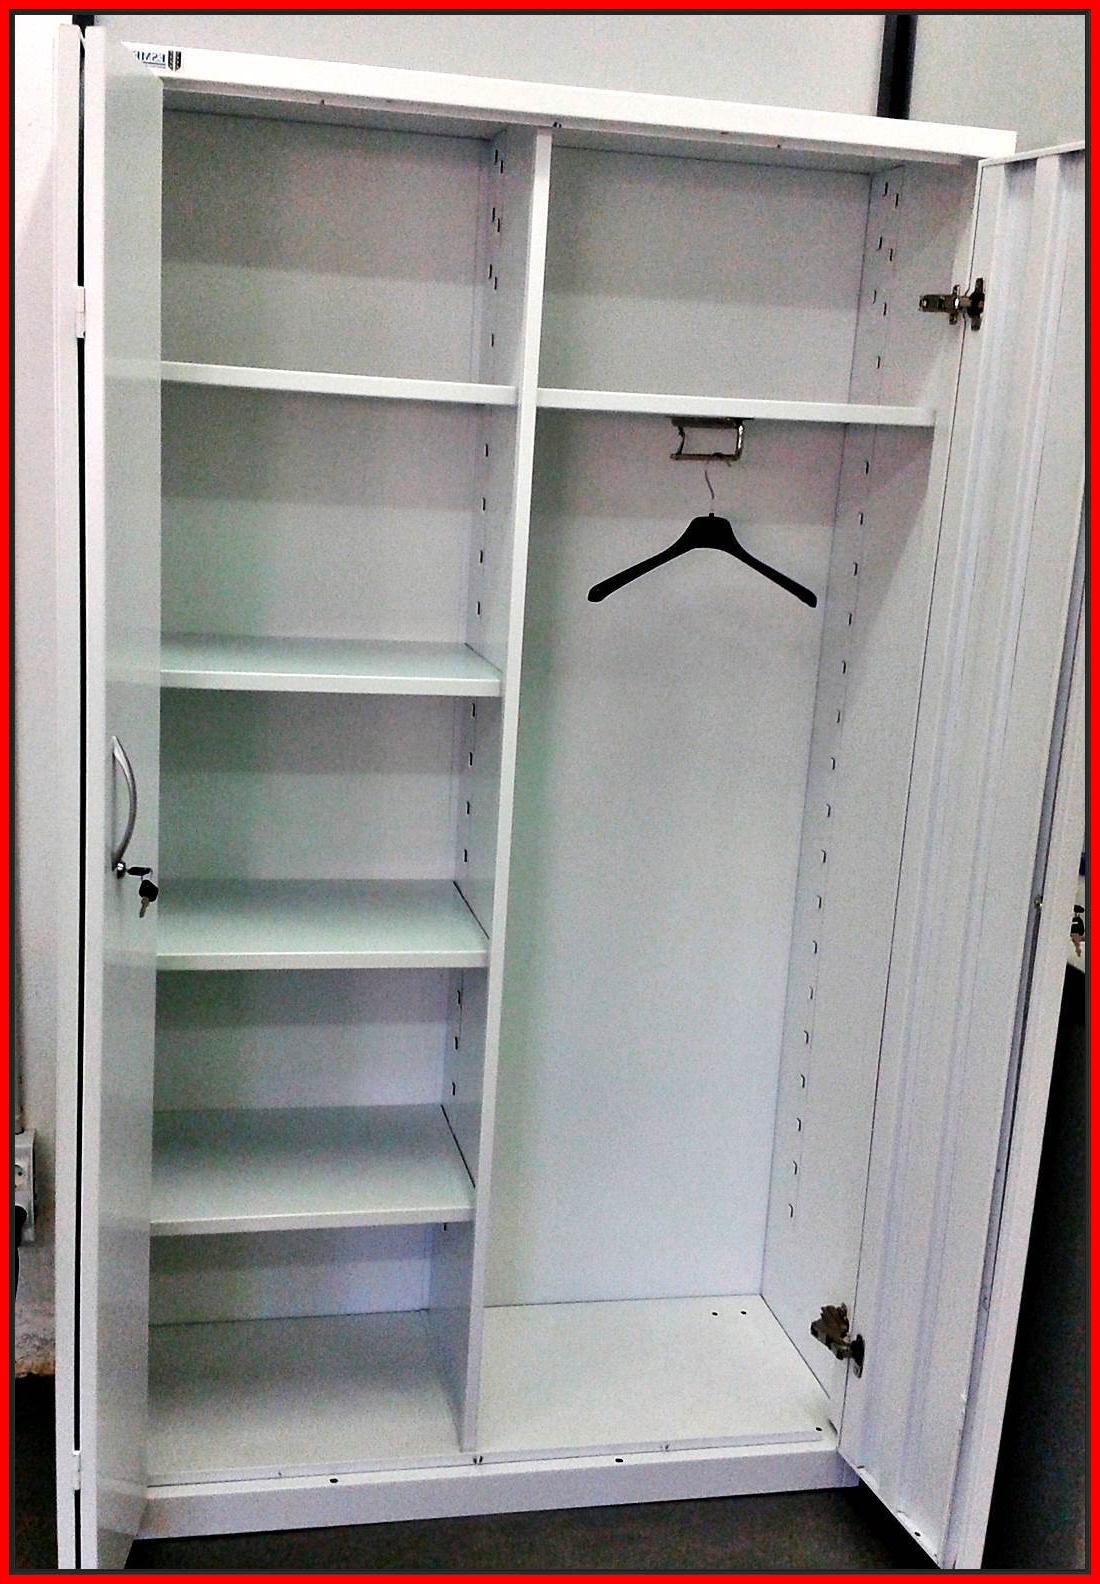 Armarios Estrechos Y Altos 3id6 Armarios Estrechos Armarios Para Trasteros Ikea Referencia